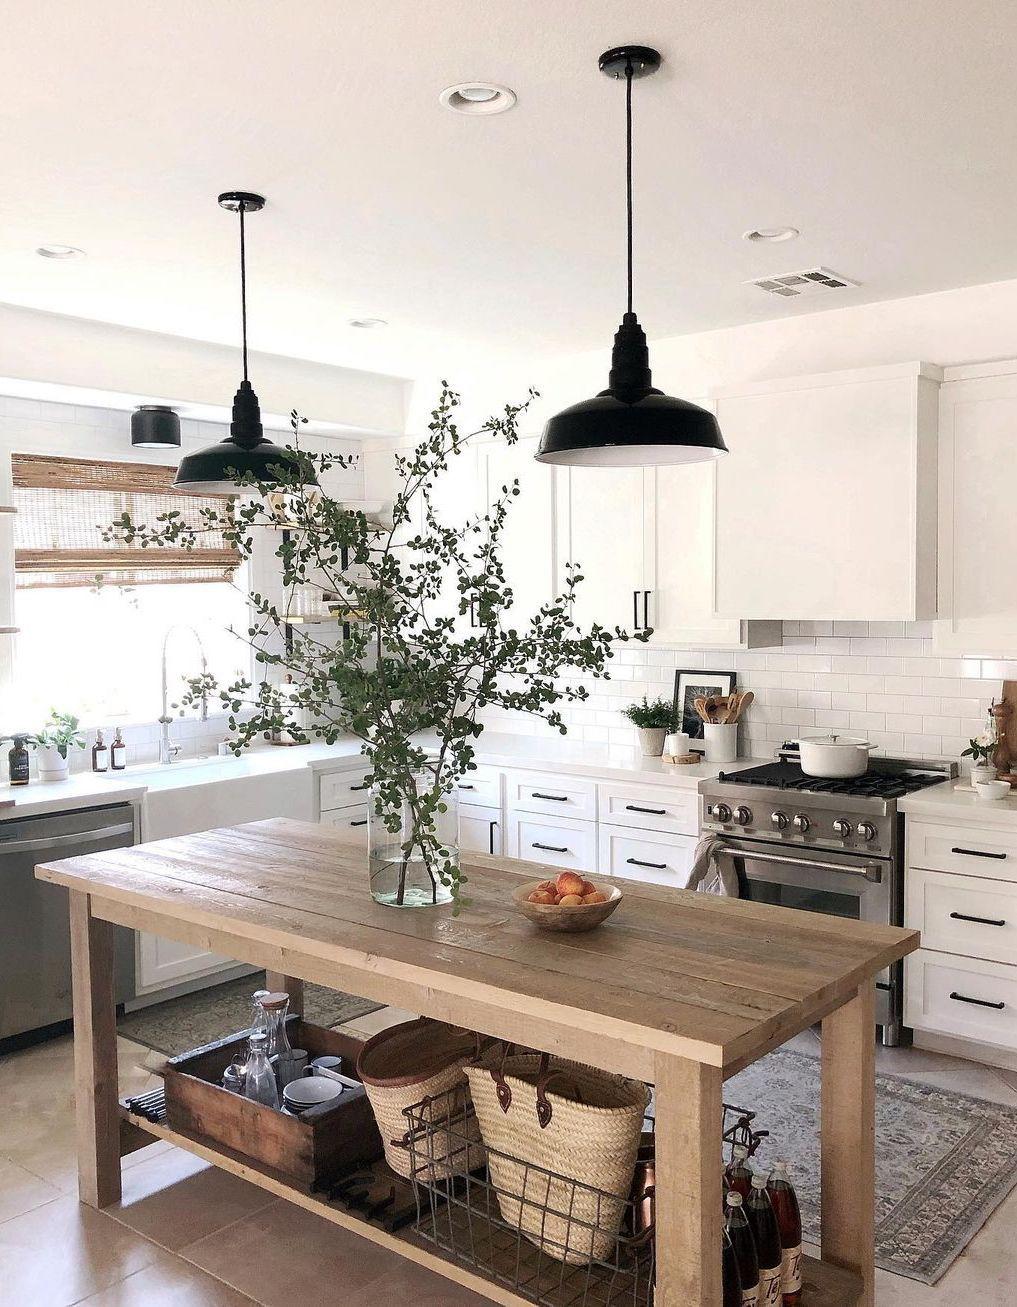 Farmhouse Kitchen Design mit schwarzen Metallpendelleuchten via @urbangrayhome